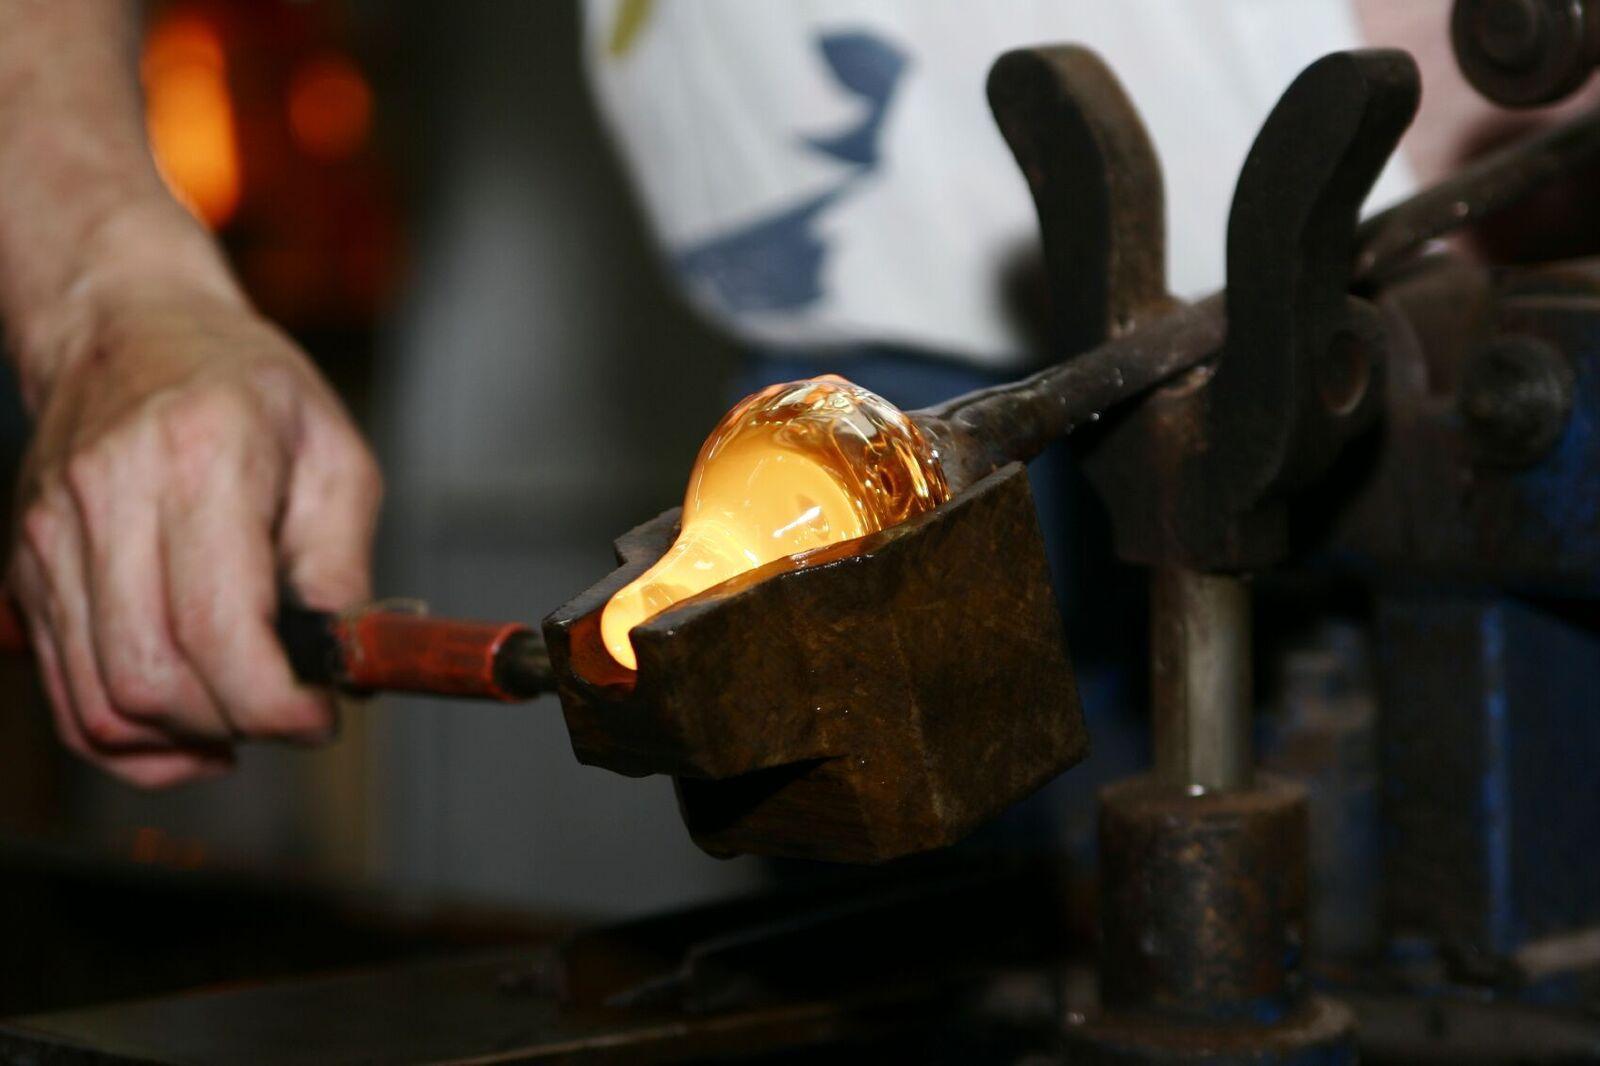 glassmester jobber med glødende glass